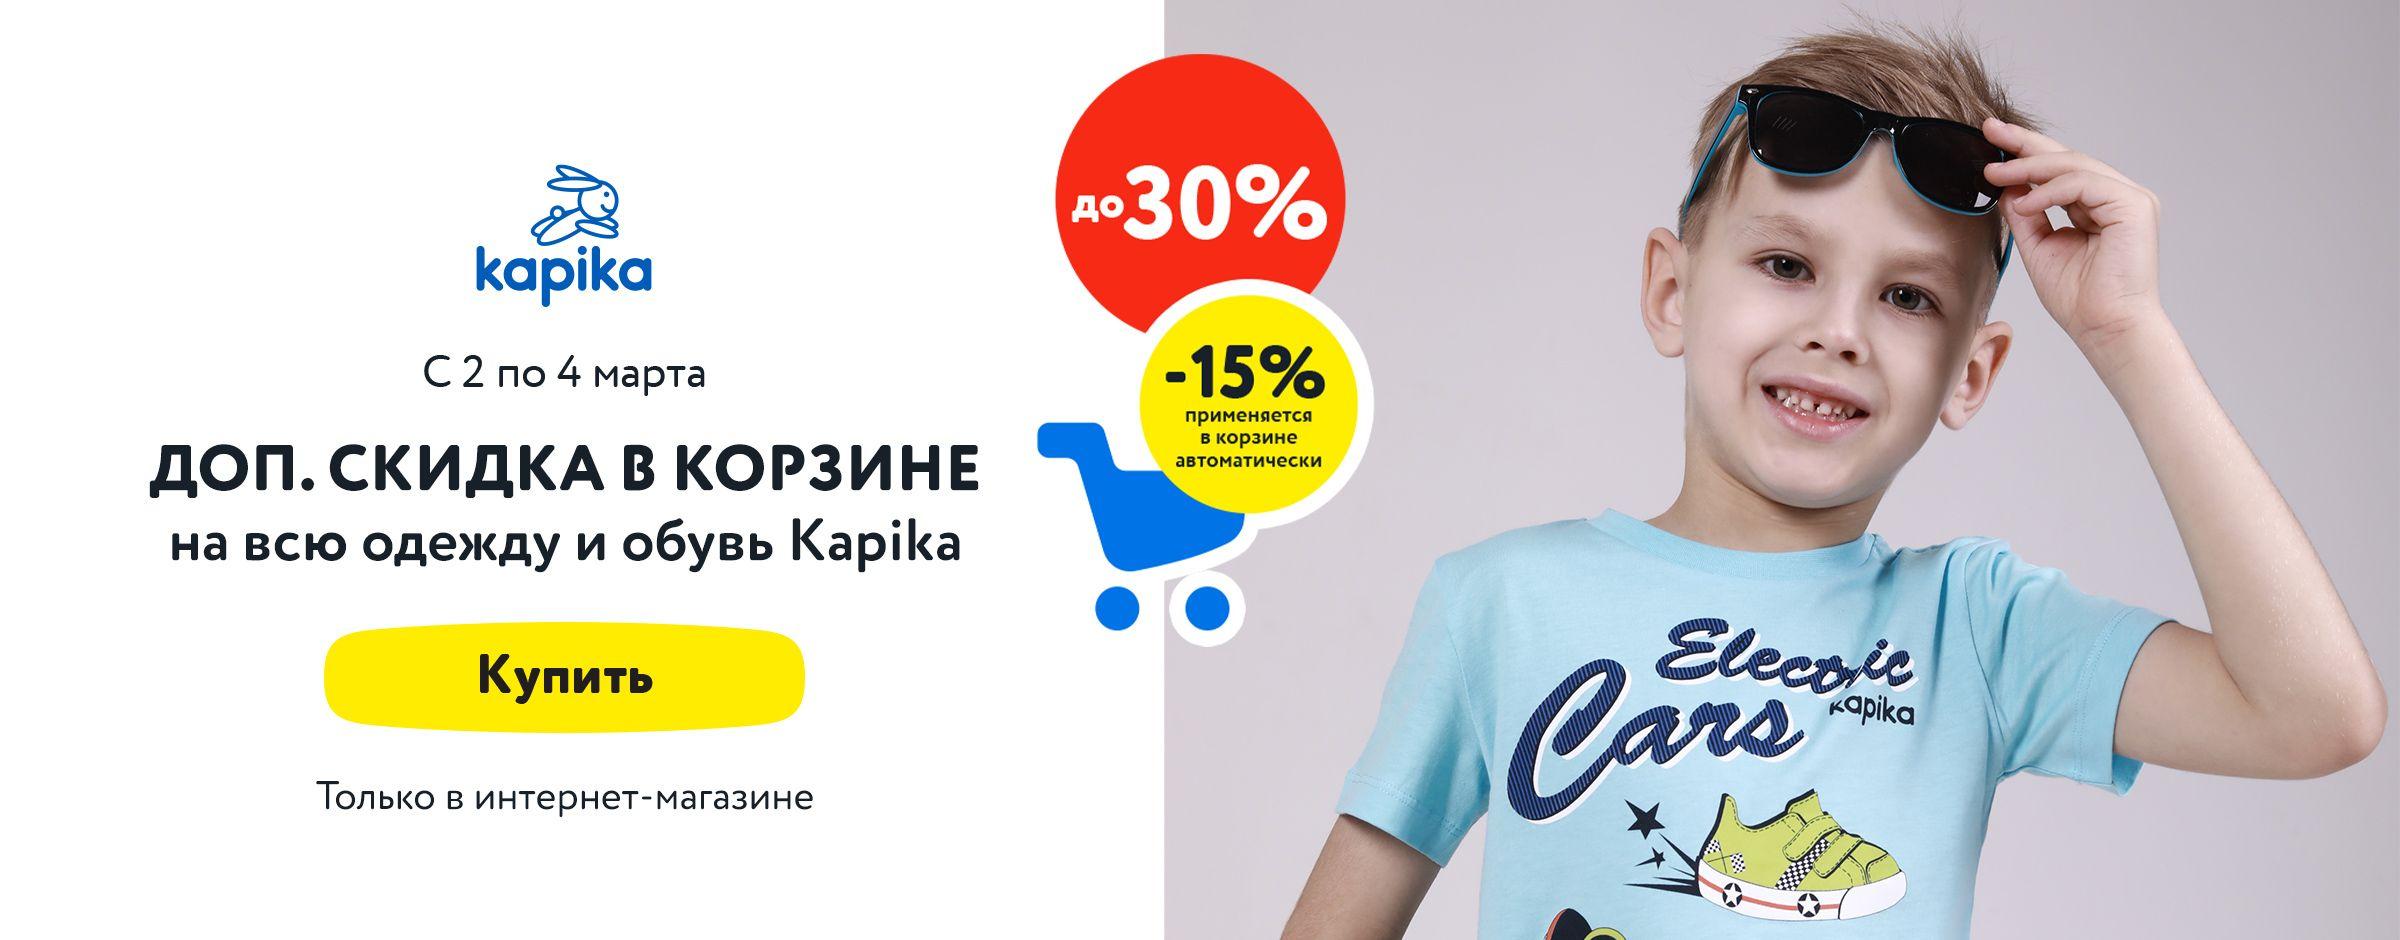 Доп.скидка 15% на всю одежду и обувь Kapika